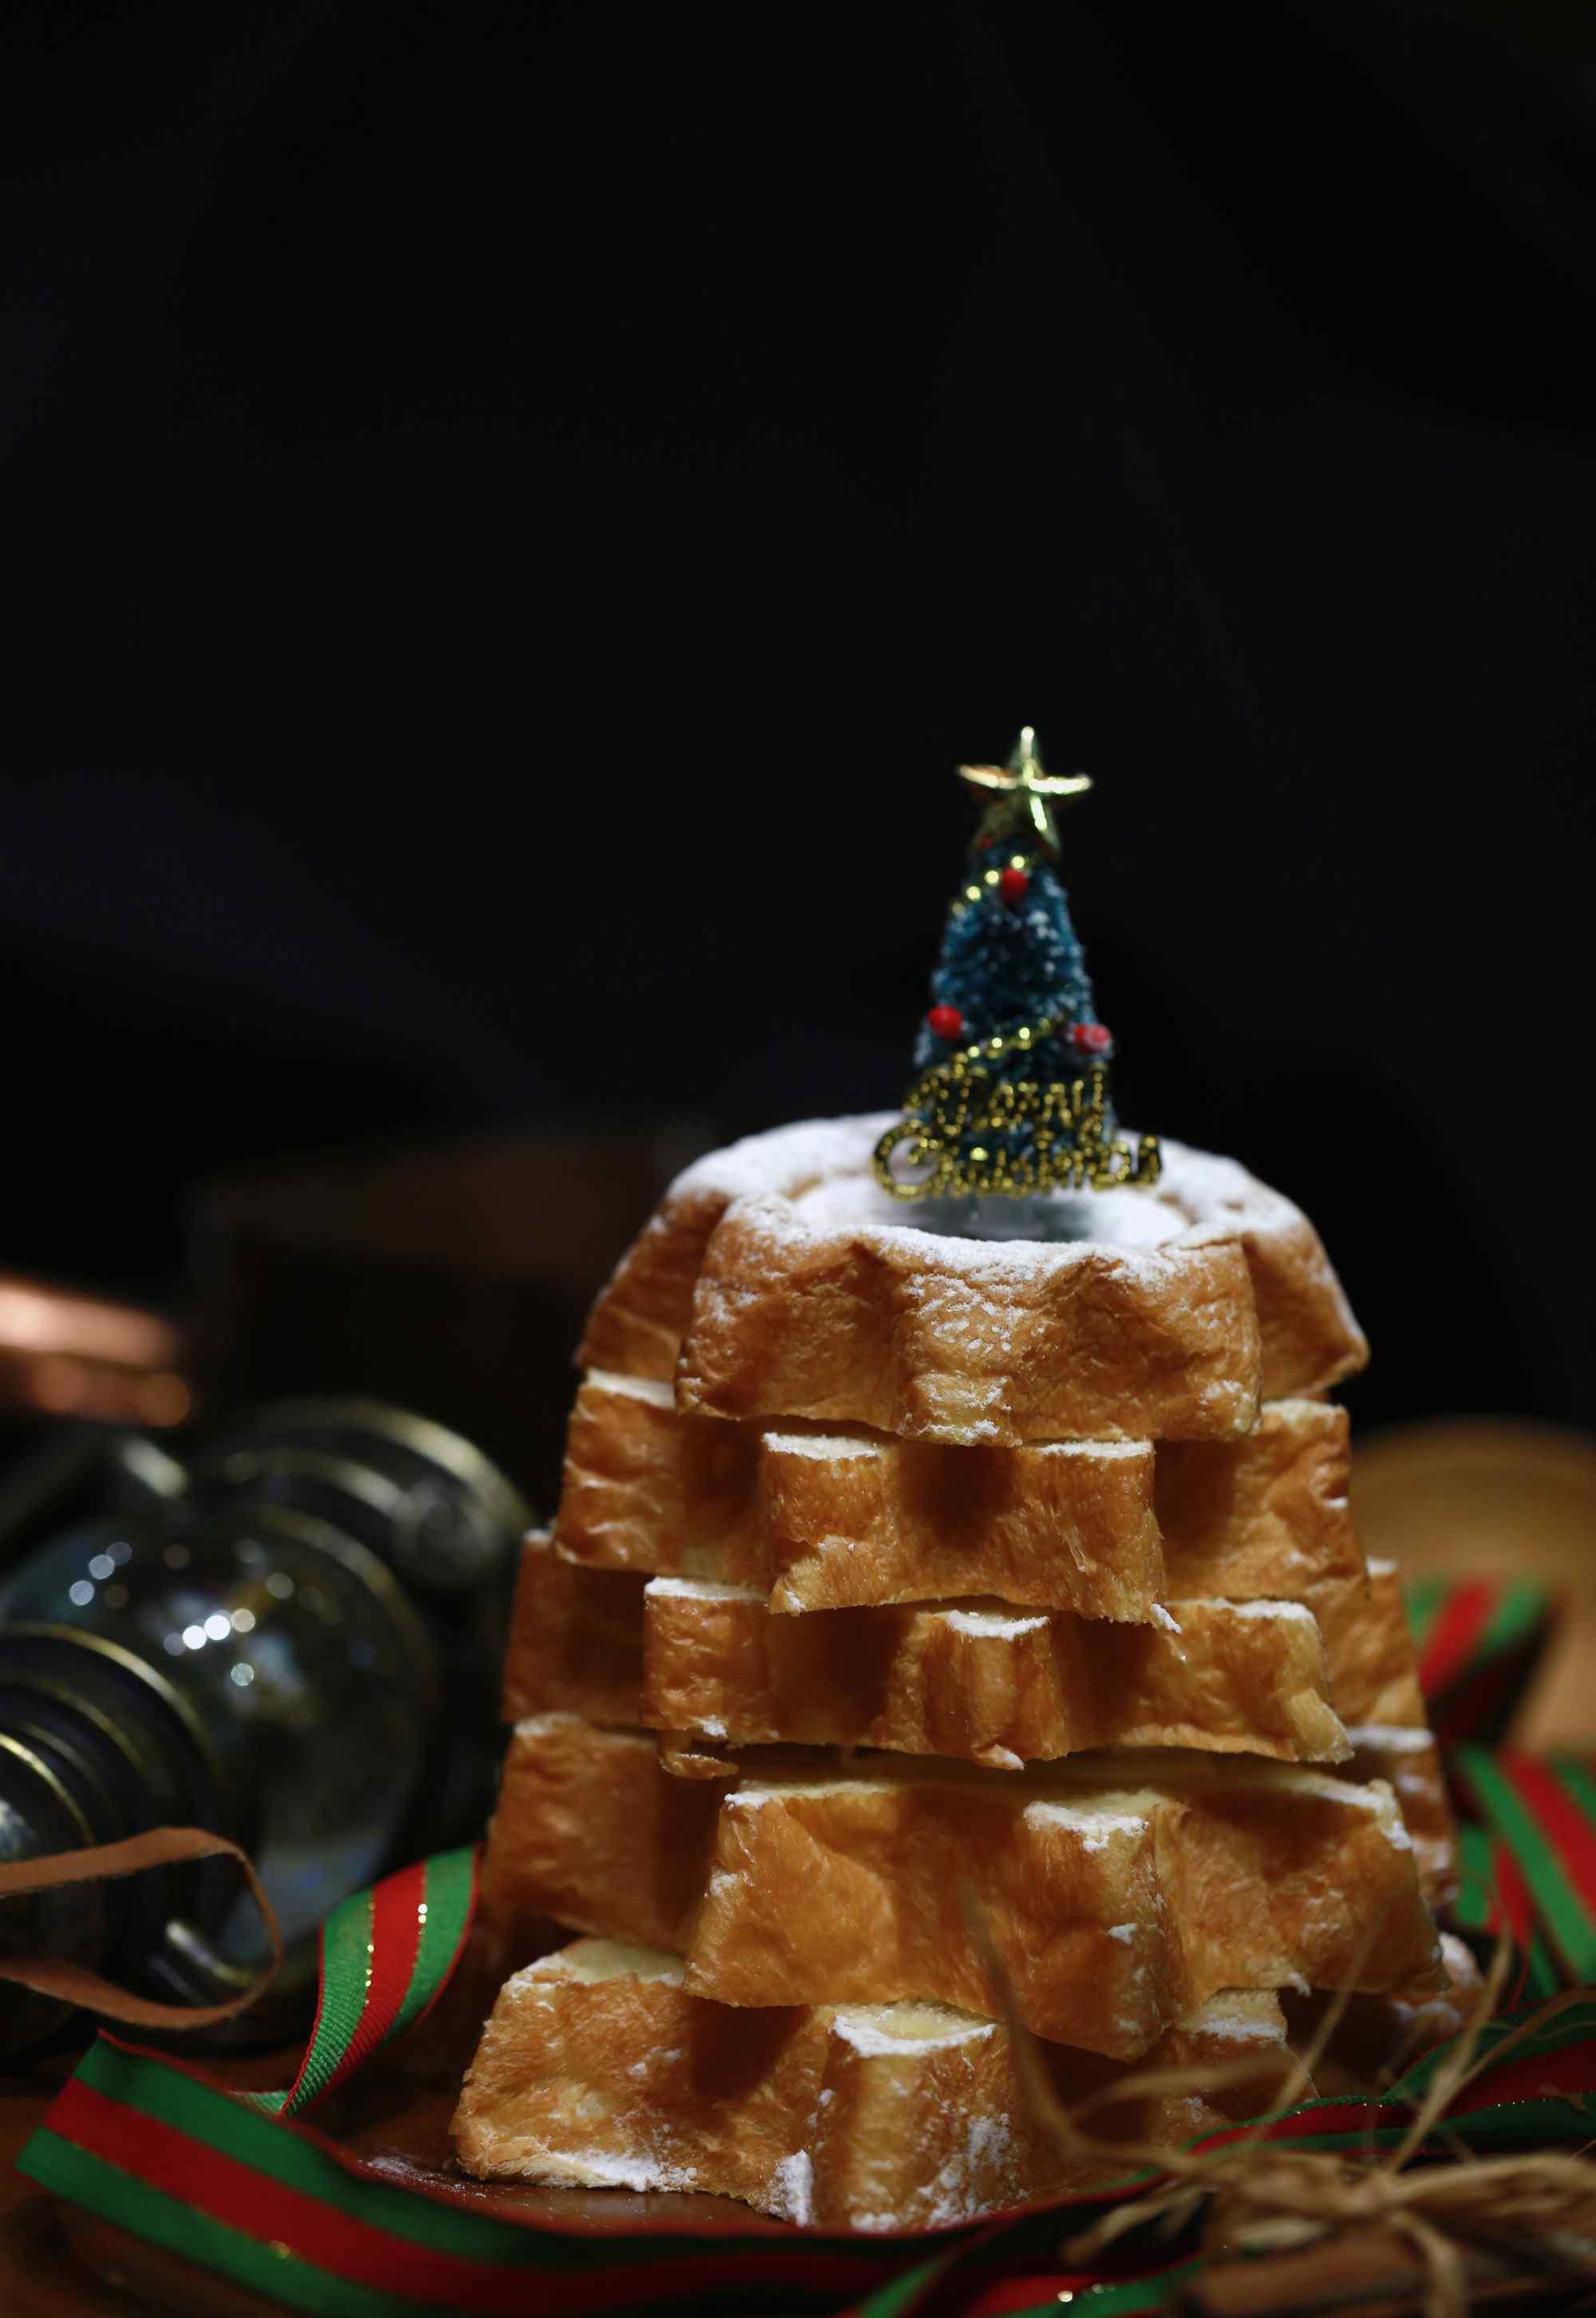 可爱的圣诞节特制小面包图片手机壁纸。奶香浓郁的西式面包甜点,热爱美食的你,是否蠢蠢欲动了呢,快来下载精美壁纸吧。桌面天下为你推荐精美面包图片、面包花式图片大全、唯美下午茶甜点图片、精致西式早餐图片,更多精彩美食图片,敬请关注桌面天下。 标签: